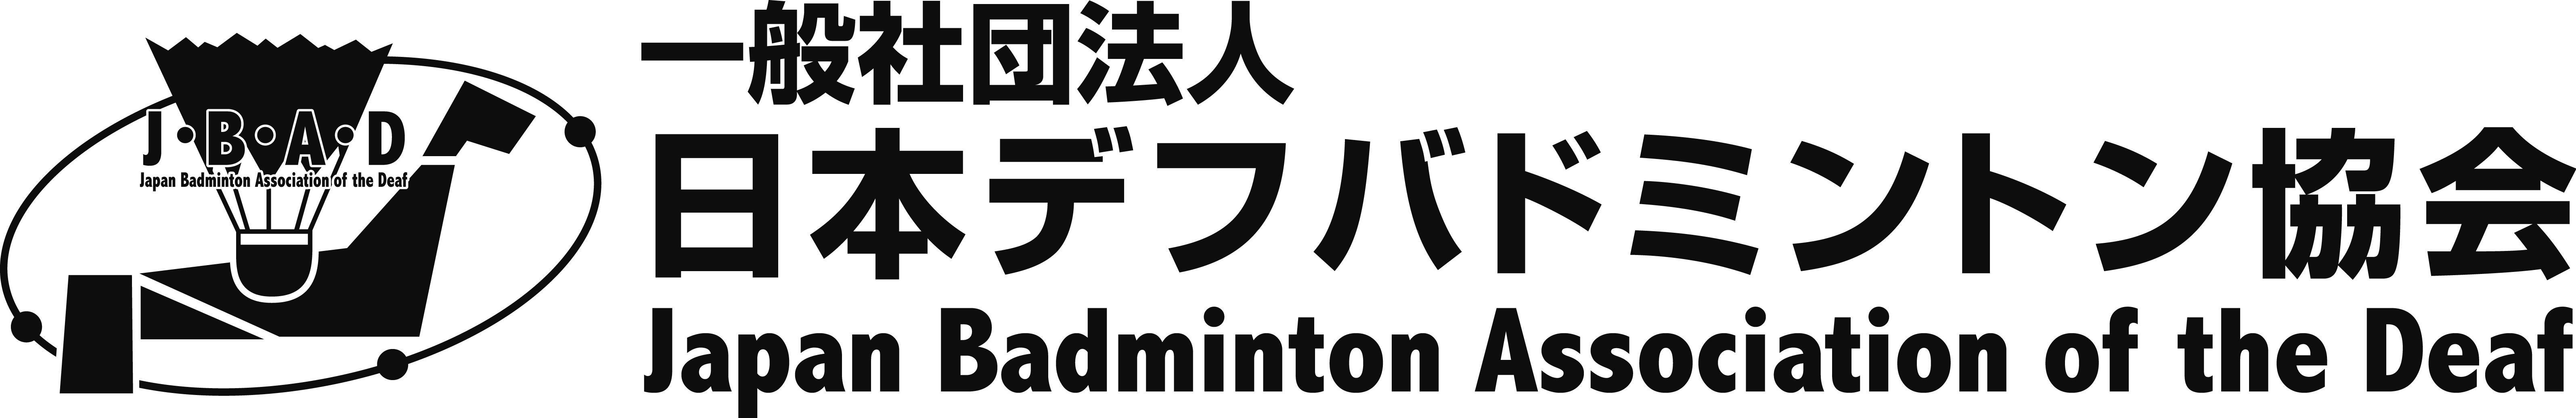 日本デフバドミントン協会